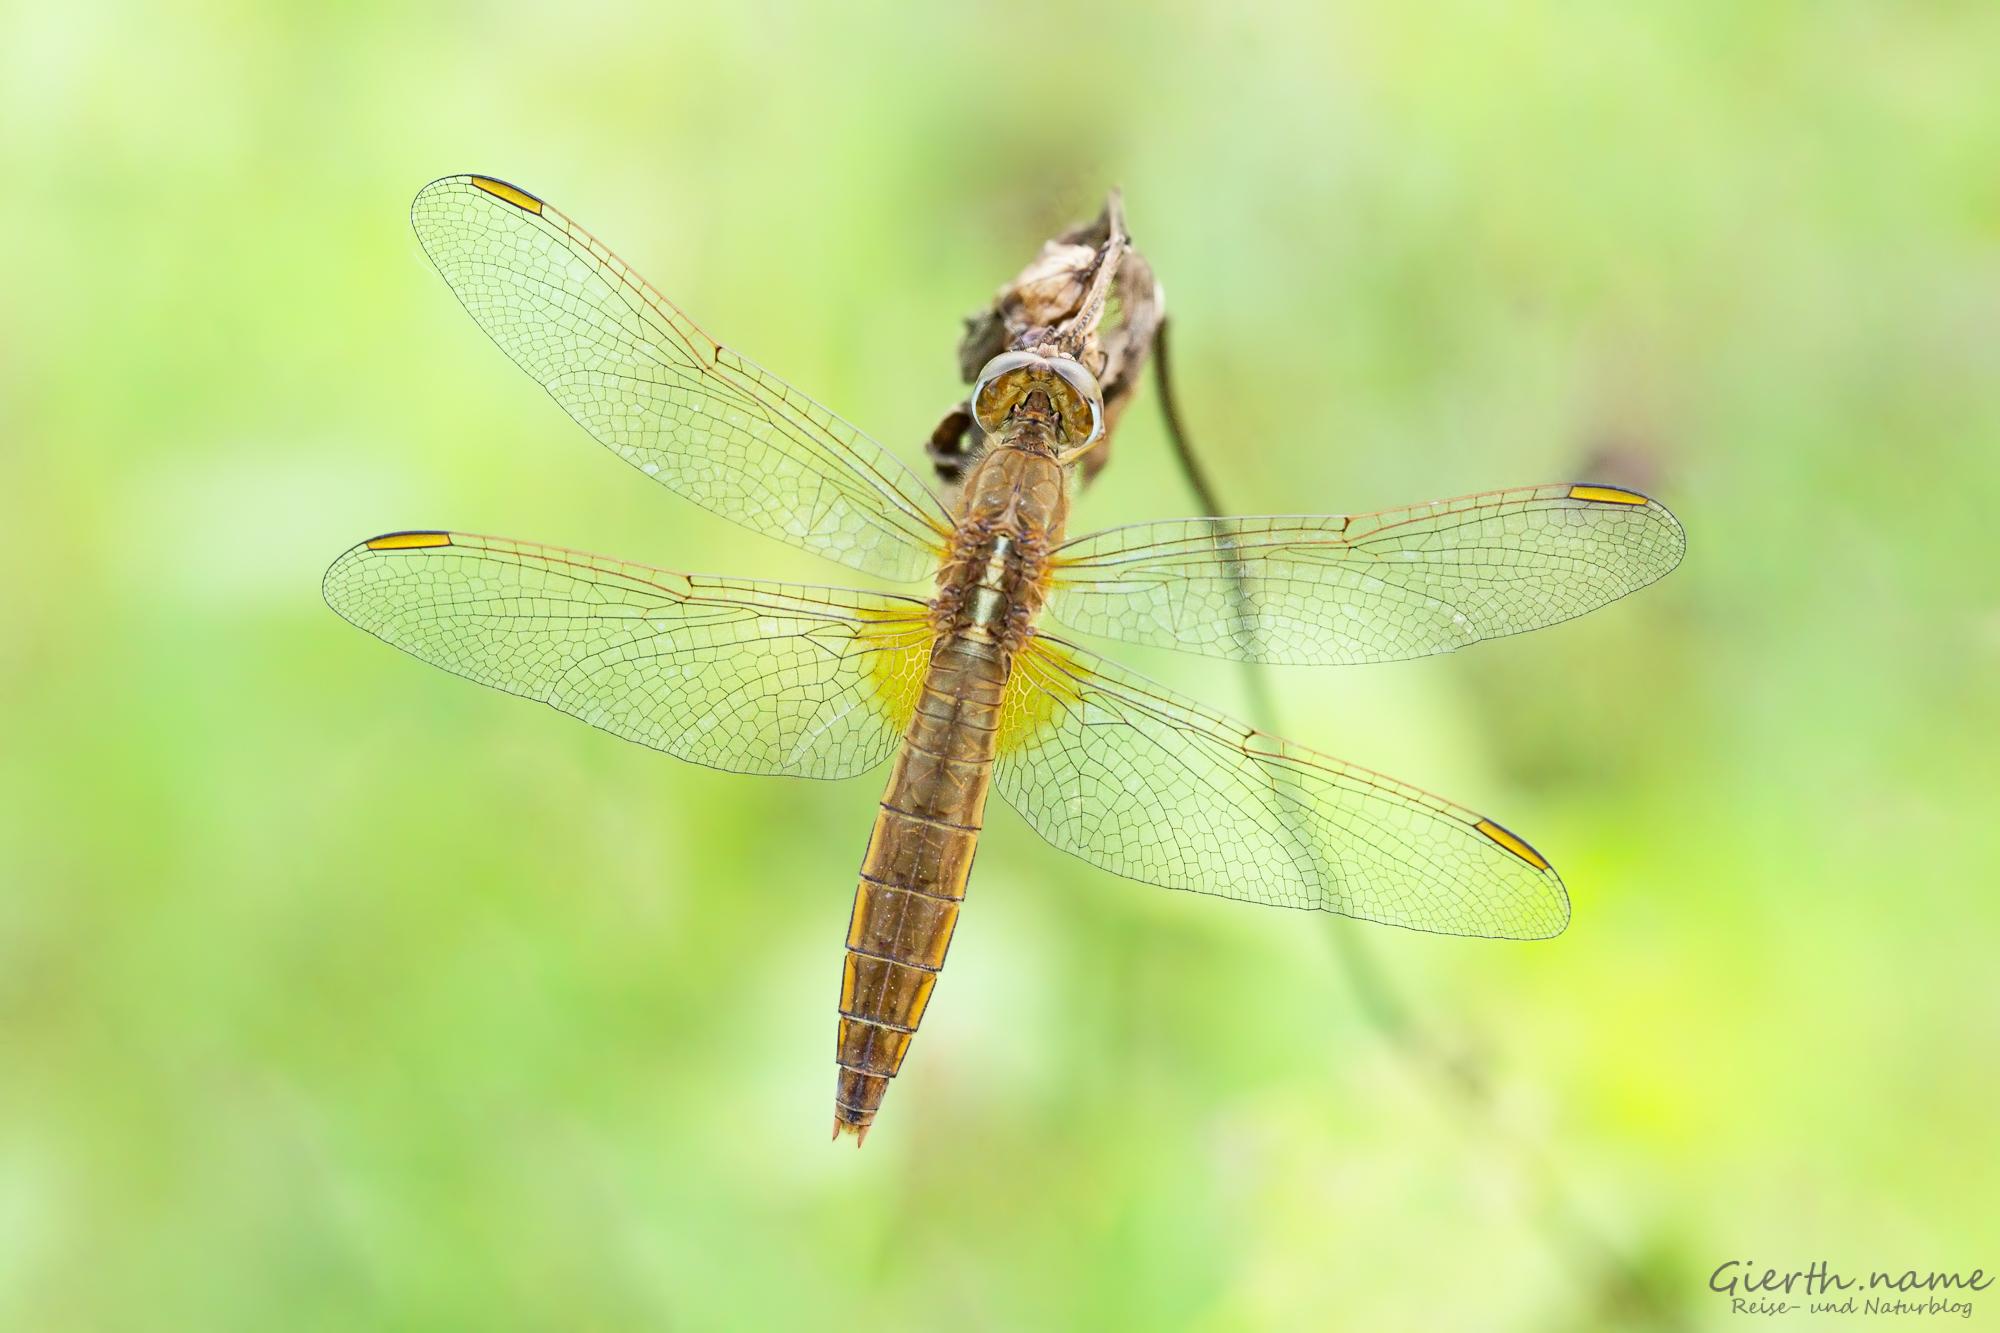 Feuerlibelle - Crocothemis erythraea